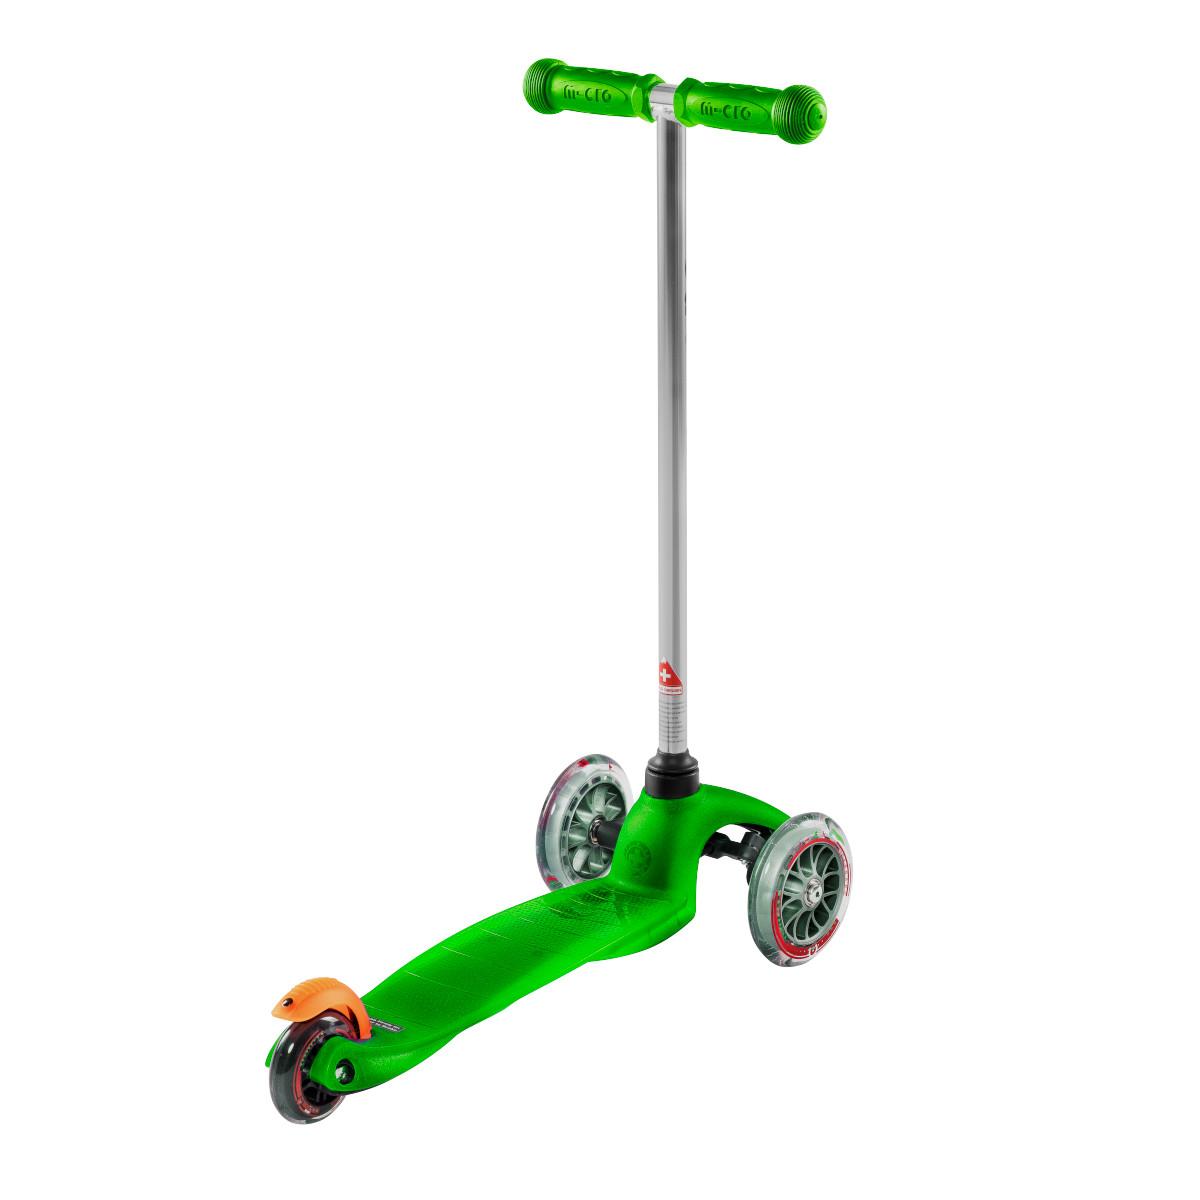 Mini Micro Classic Green - 03